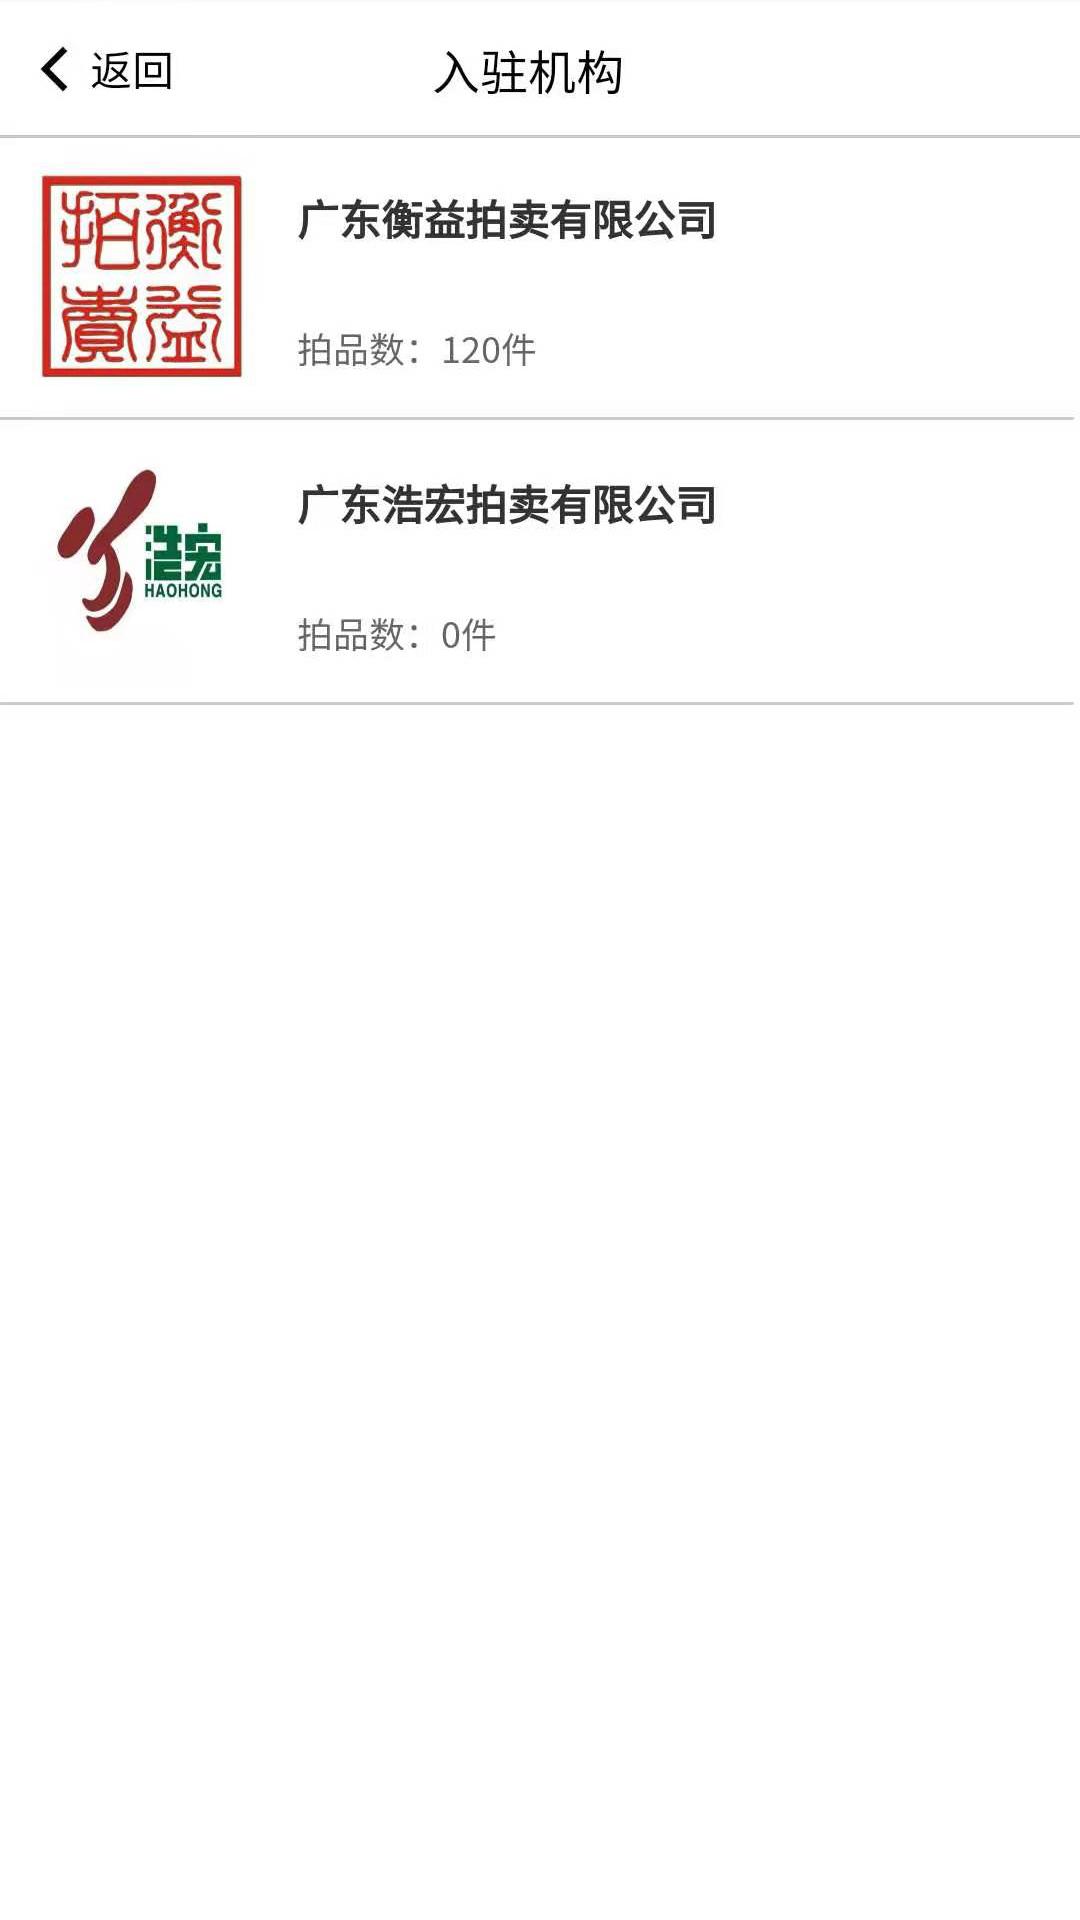 知卓平台appv4.0.0 最新版